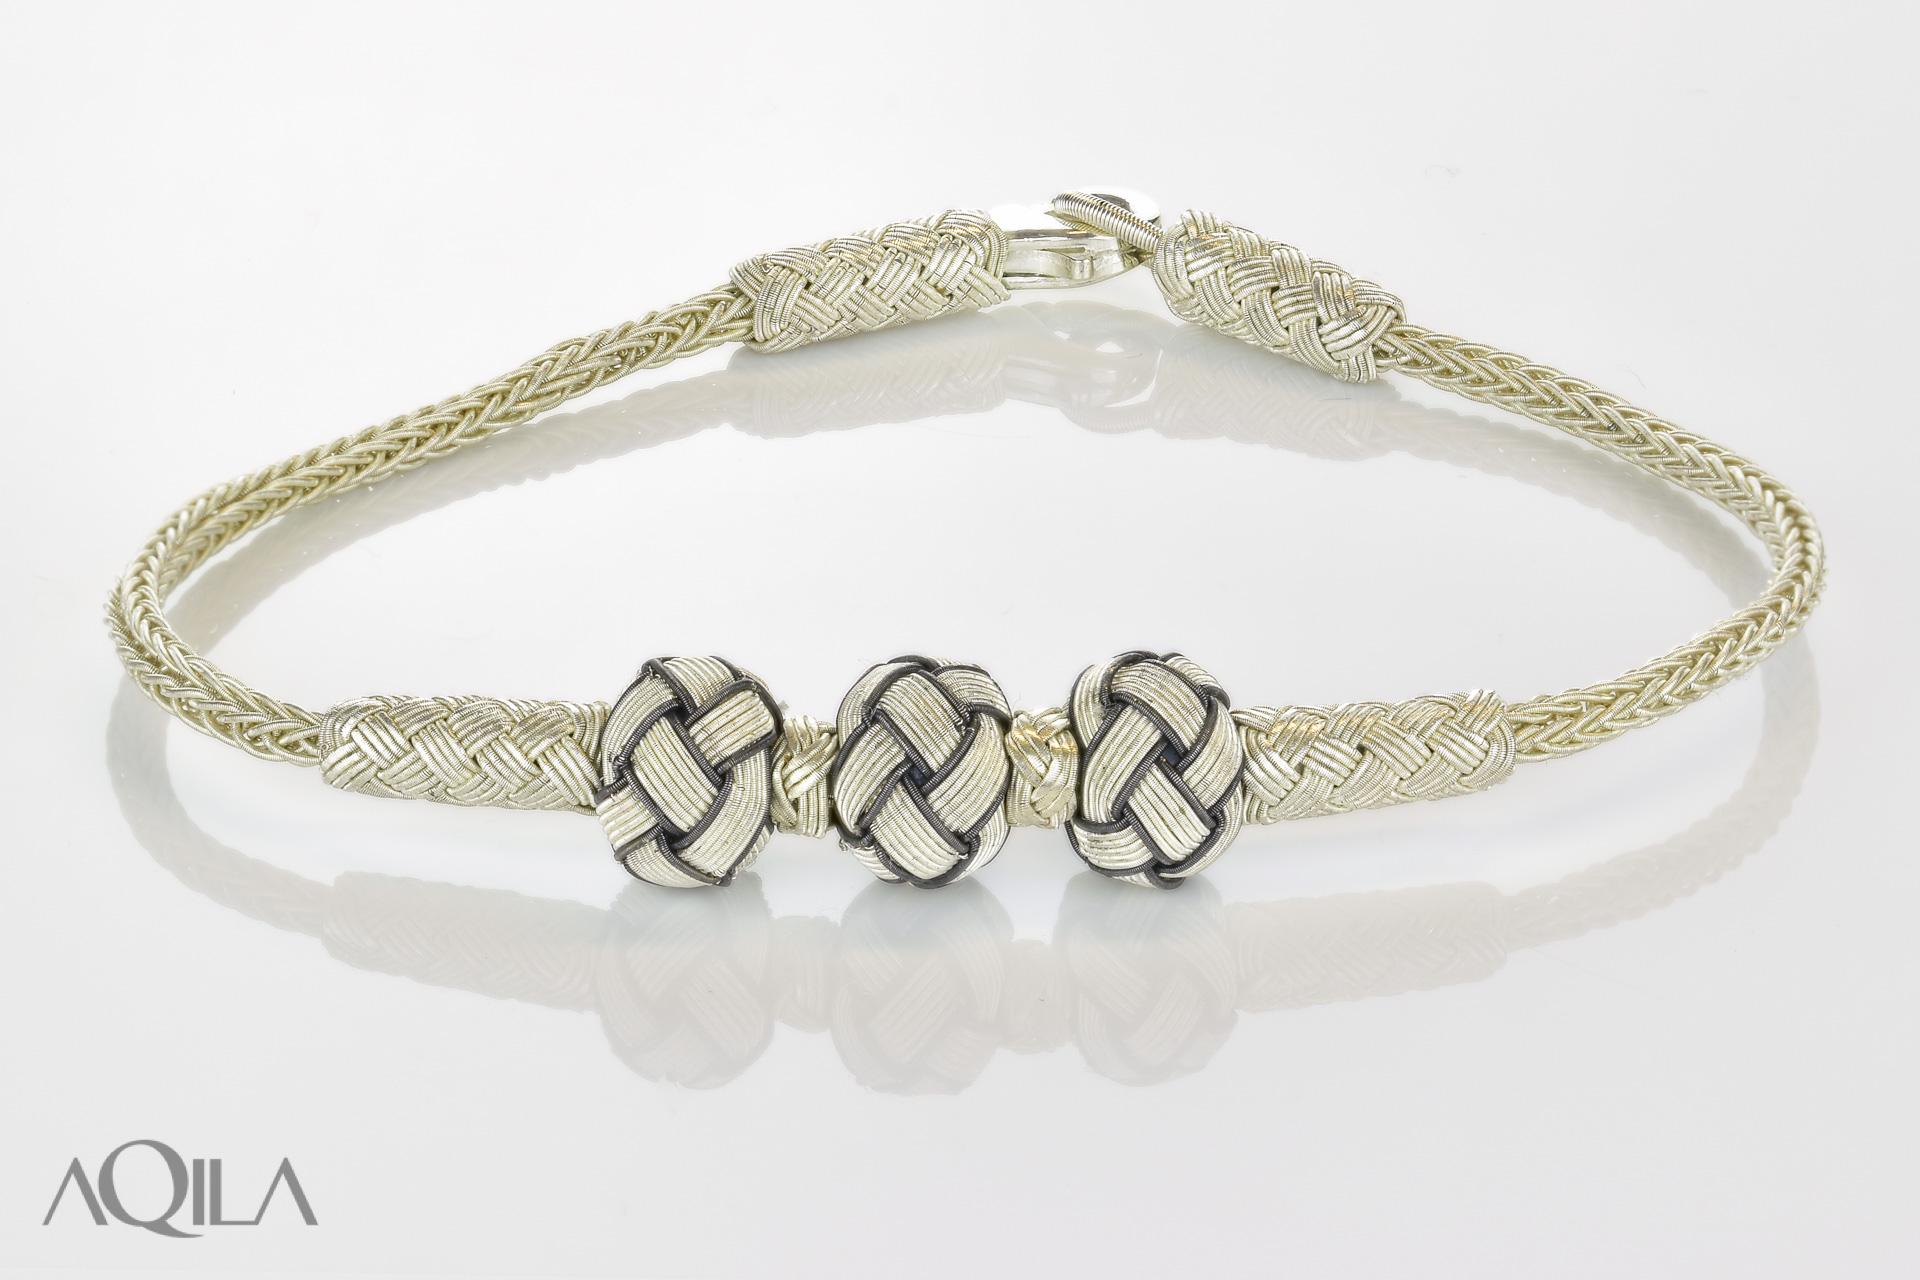 999 Silber Kordel Armband mit 3 Knotenperlen, Freundschaftsband, Kazaziye,  10525 a37f04eec7